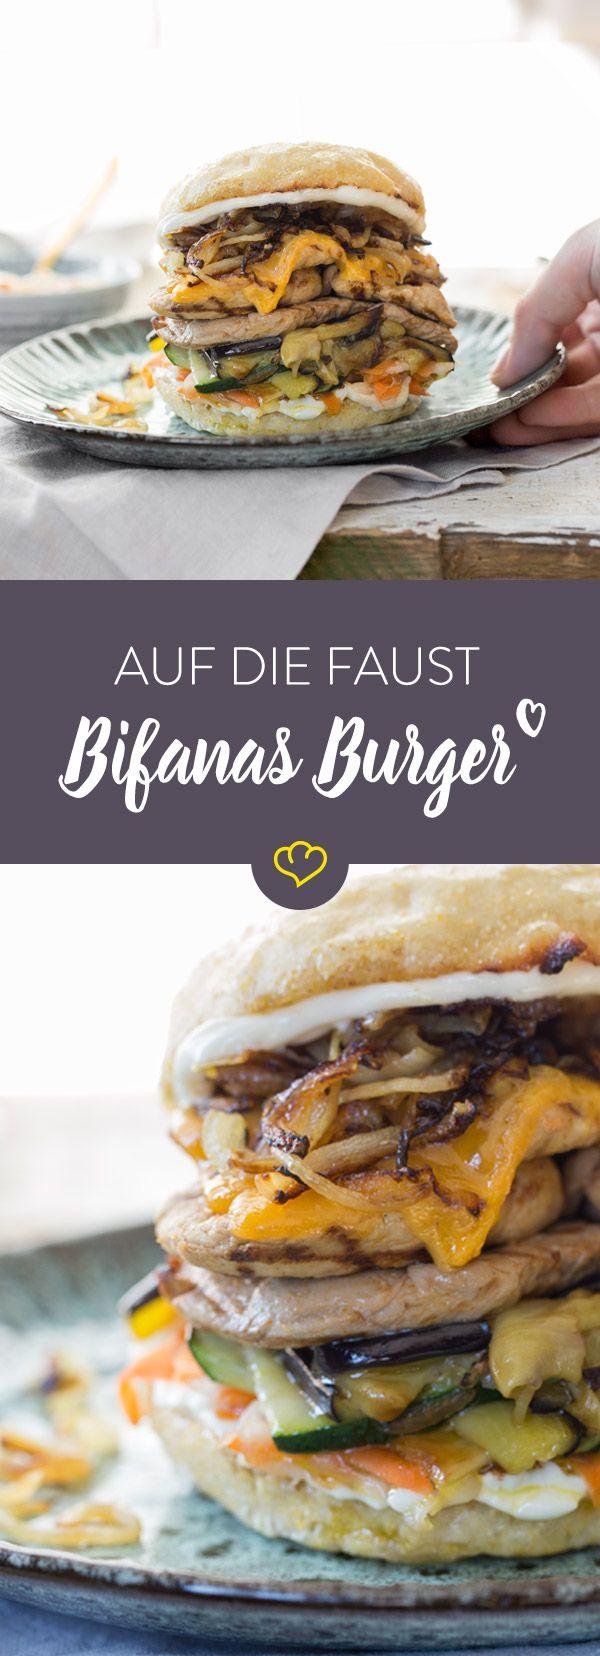 Wecke Urlaubsfeeling mit dem Bifanas Burger. Das portugiesische Fastfood vereint gegrilltes Schweinefilet mit Piri Piri Sauce, Grillgemüse und Röstzwiebeln.